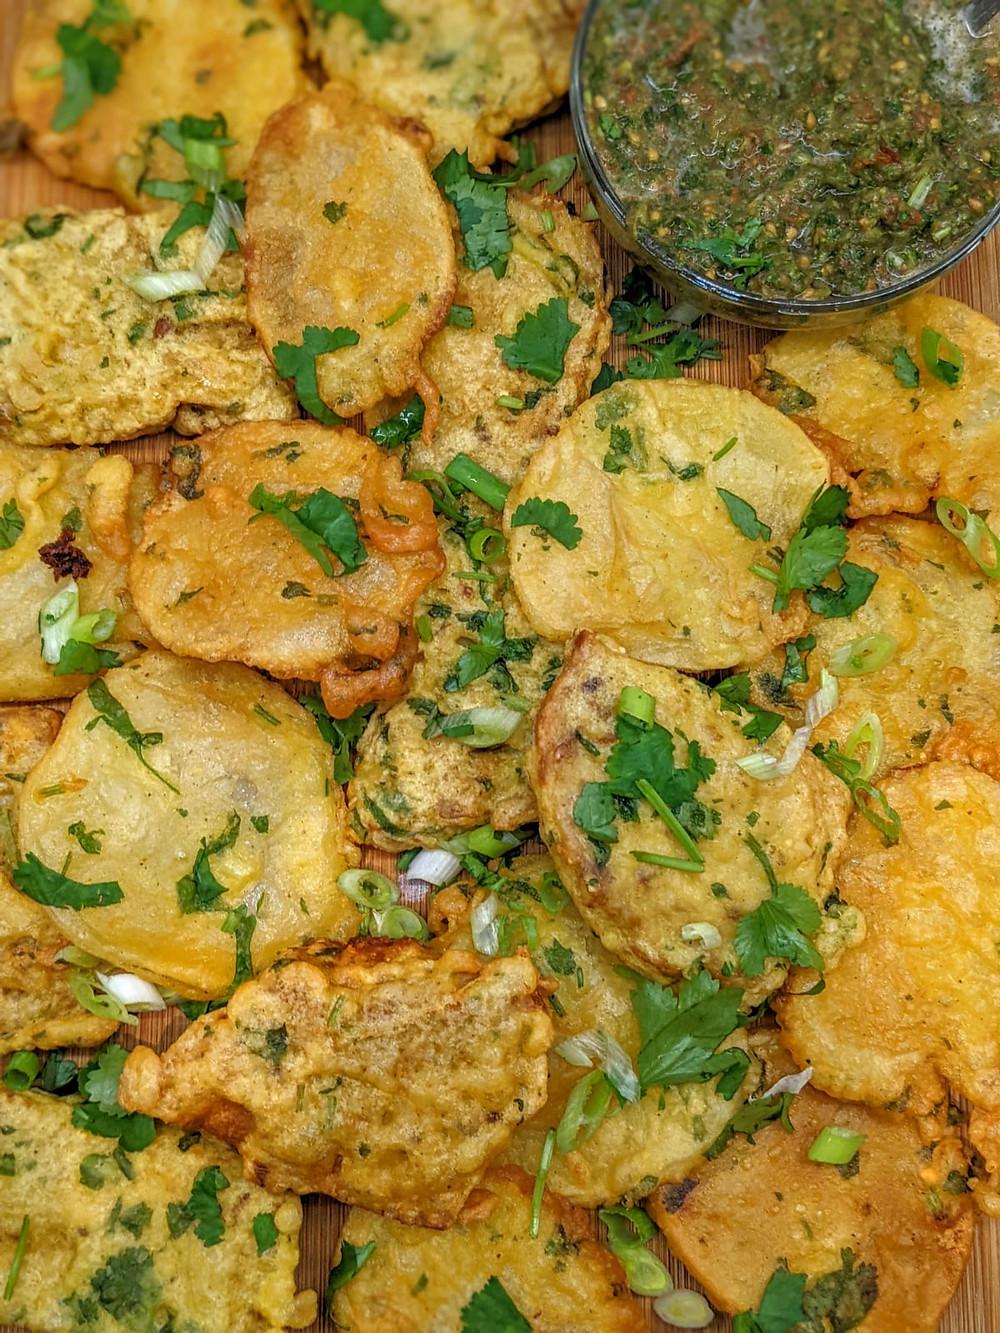 mauritian fried potato